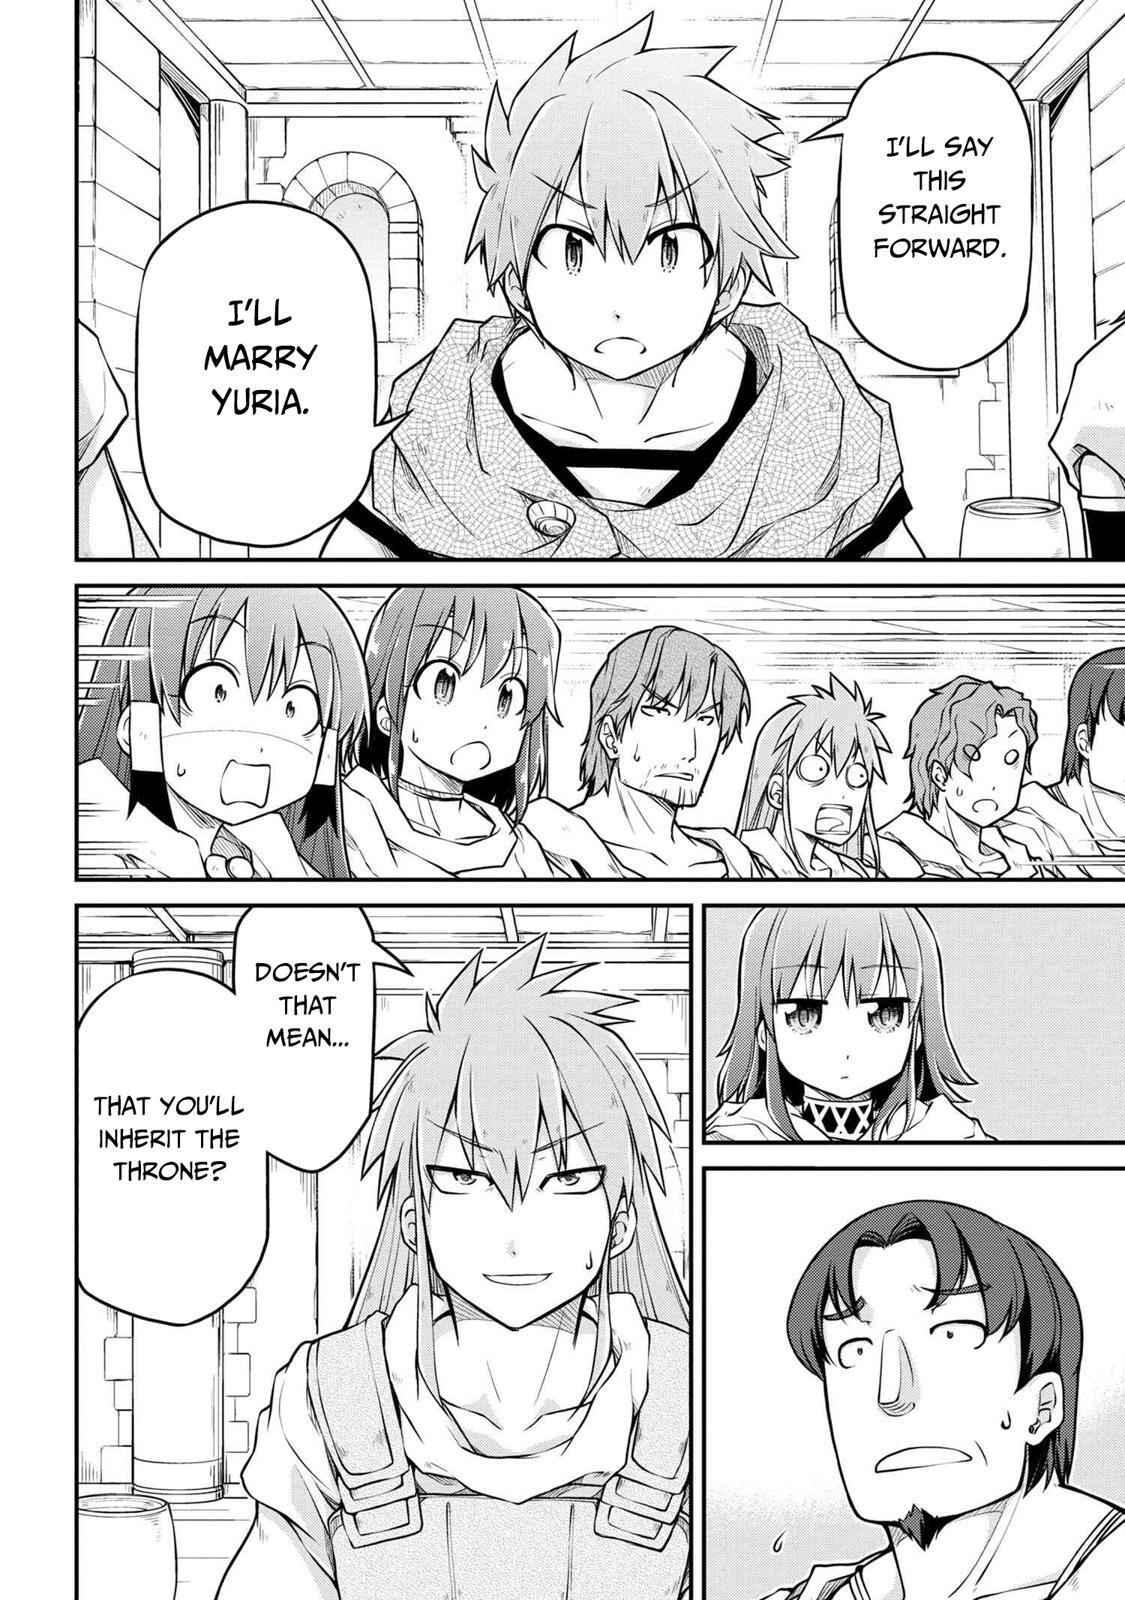 Isekai Kenkokuki - chapter 38.1-eng-li